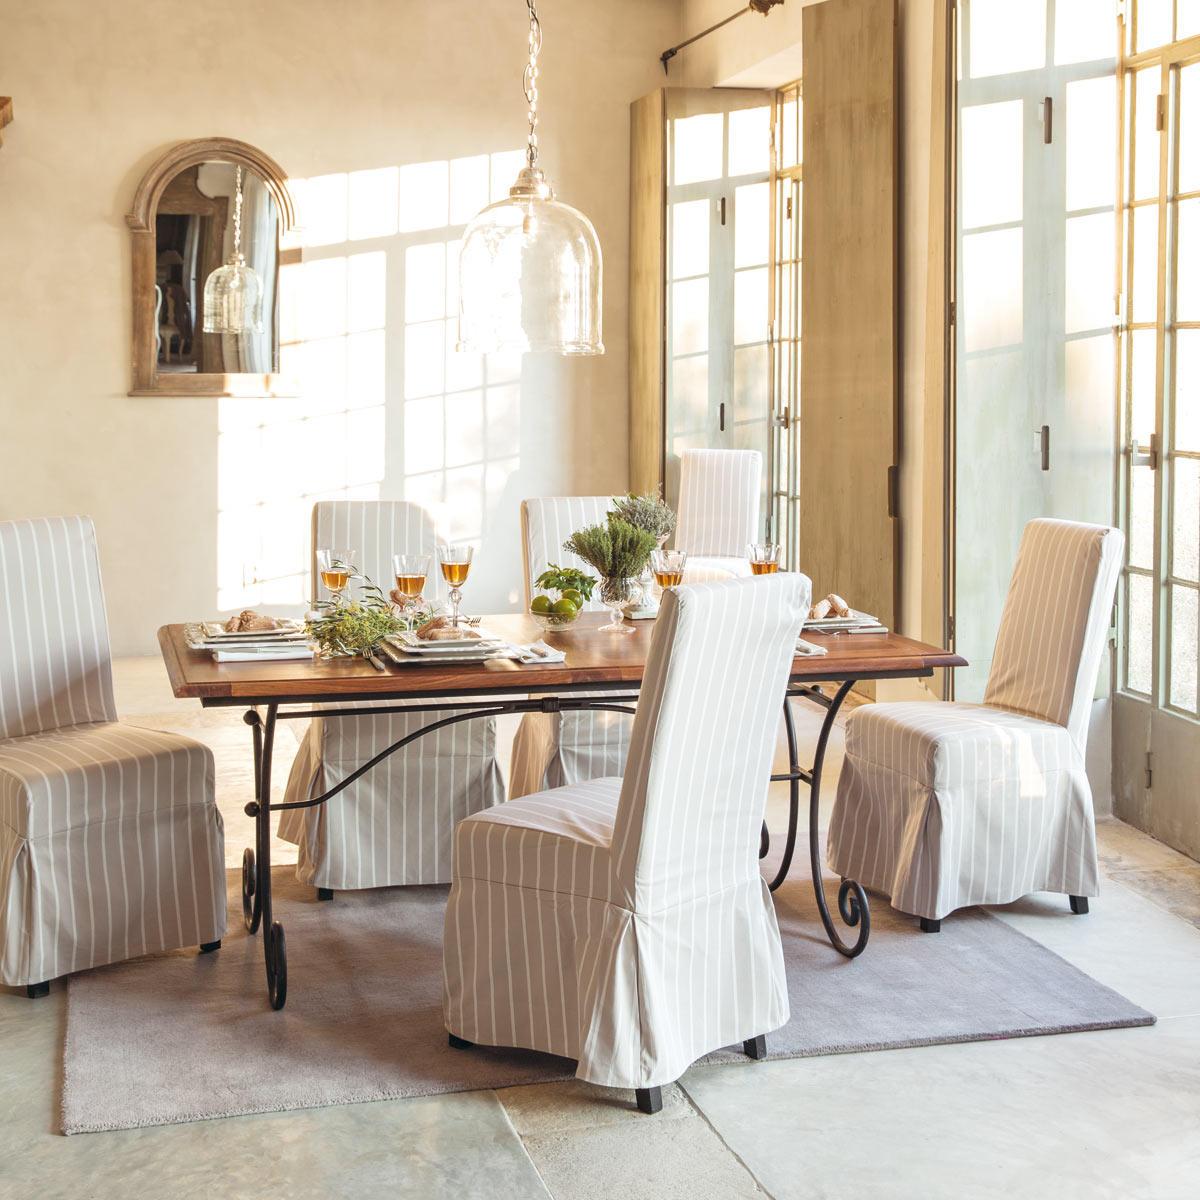 Cucine maison du monde accessori e mobili in stile shabby for Maison du monde sillas